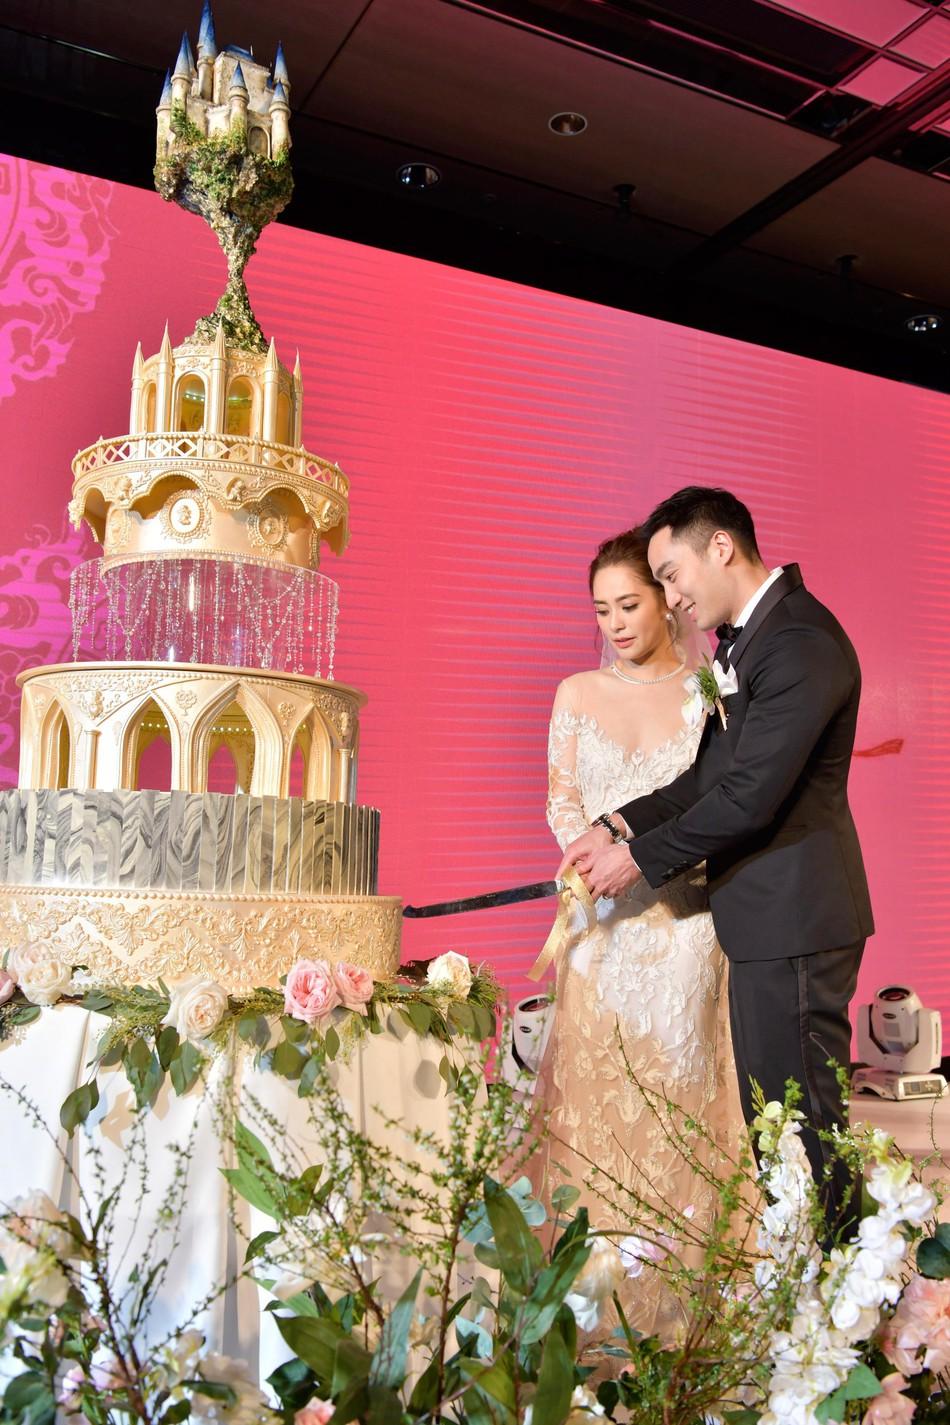 Đám cưới hoành tráng của Chung Hân Đồng: Ông trùm showbiz Hong Kong, con gái tài phiệt Macau cùng dàn sao hạng A tề tựu đông đủ - Ảnh 36.